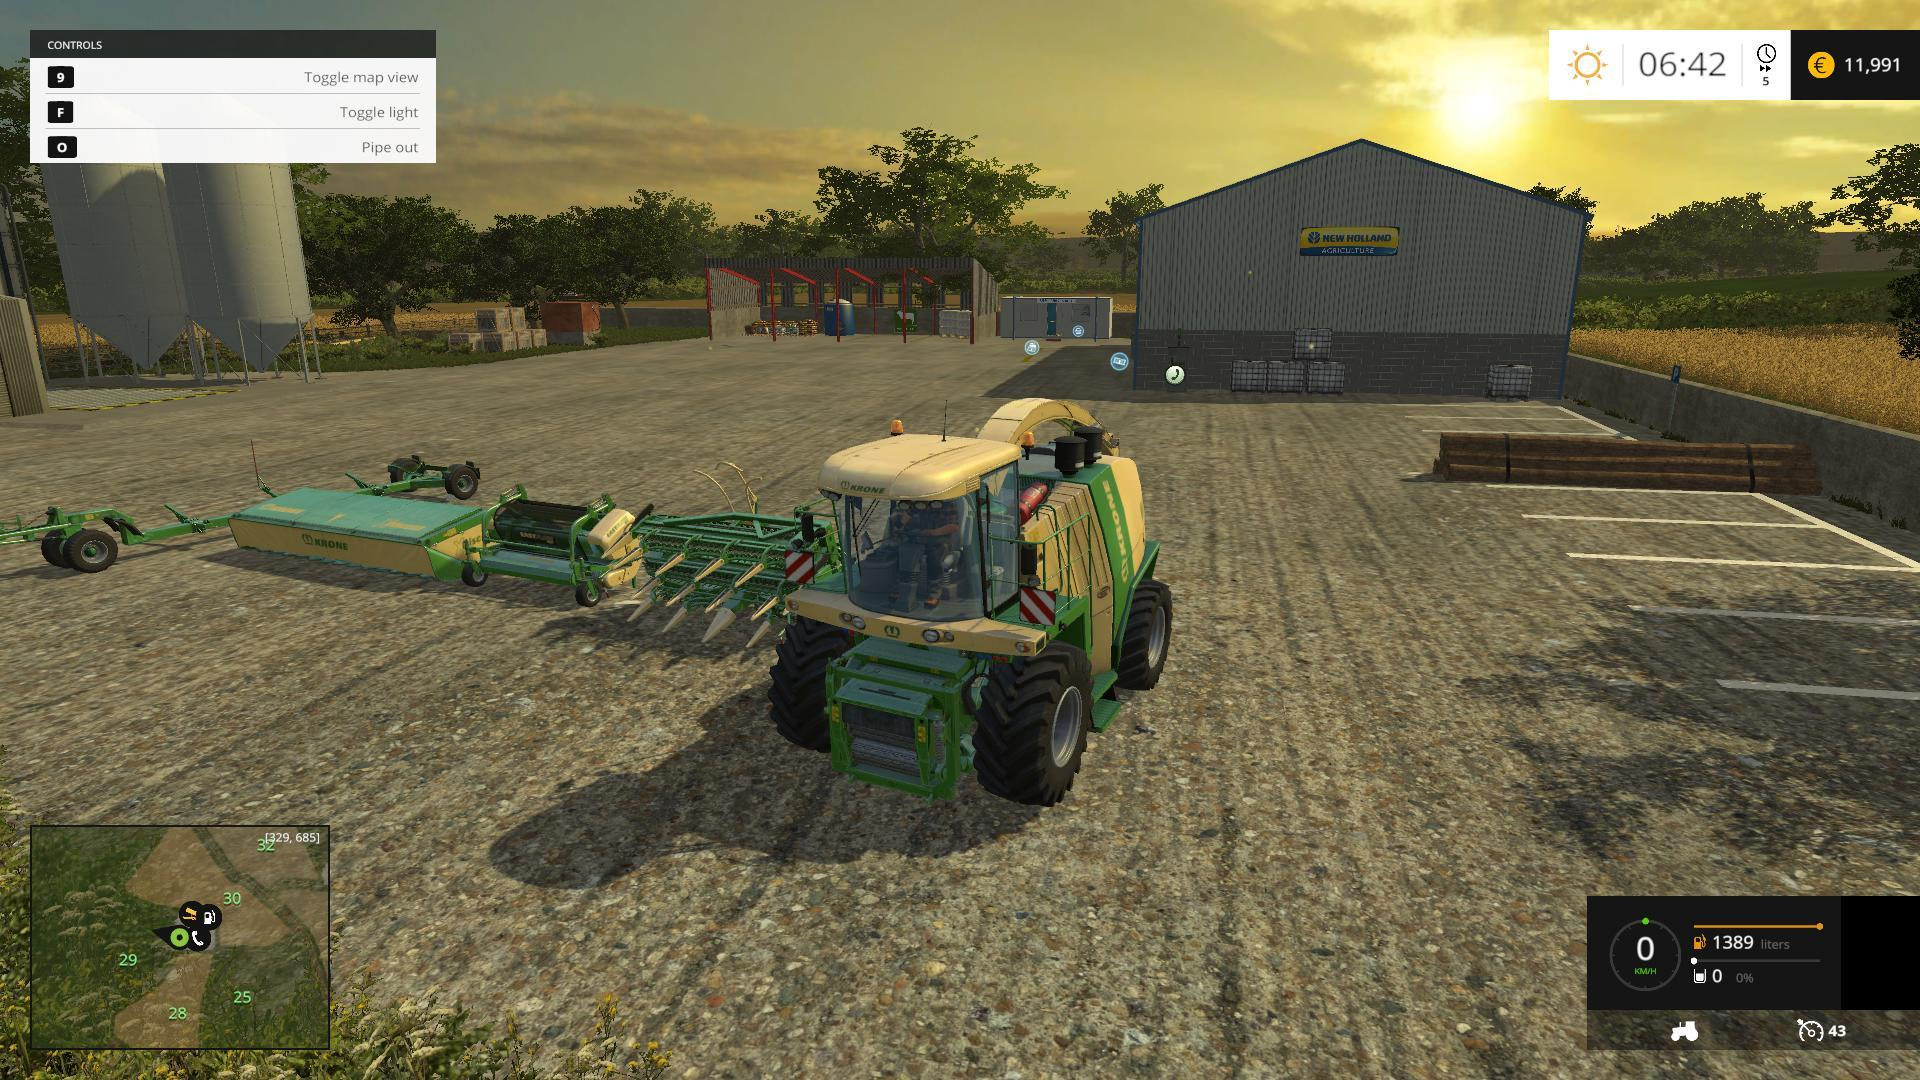 Orchard Farm V Modhubus - Farming simulator 2015 us map feed cows